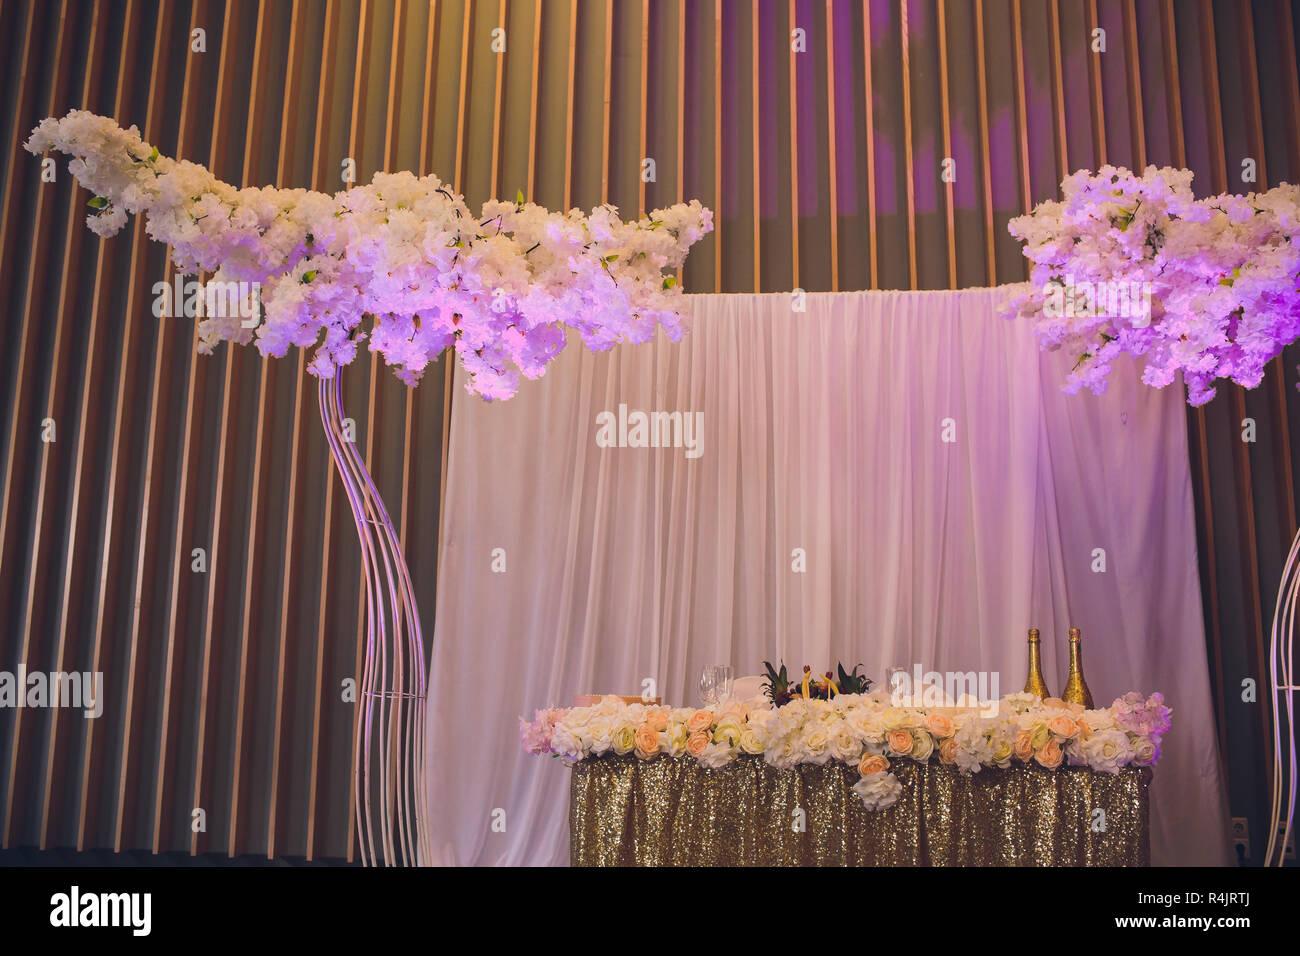 Details Der Dekoration Der Brautigam Und Die Braut Hochzeit In Der